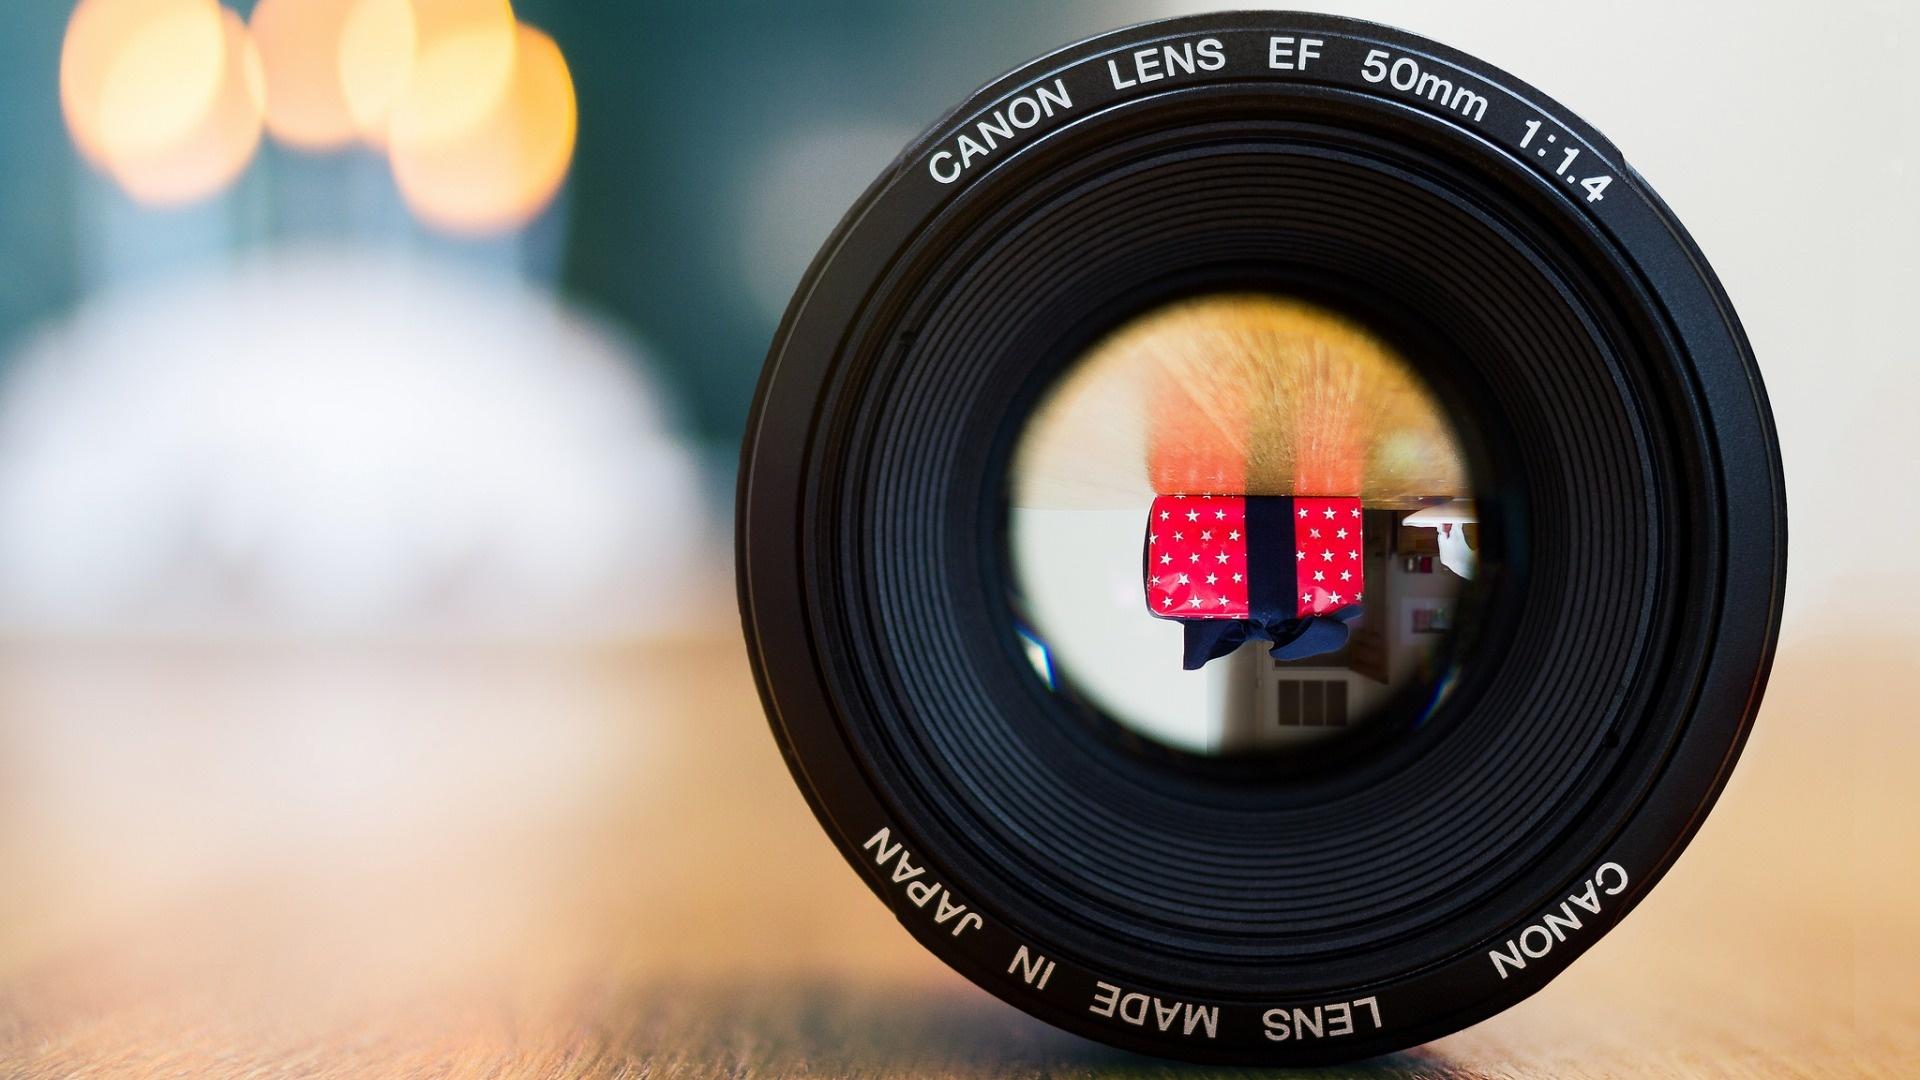 Hd wallpaper camera - Canon Camera Lens 50mm Wallpaper New Hd Wallpapers